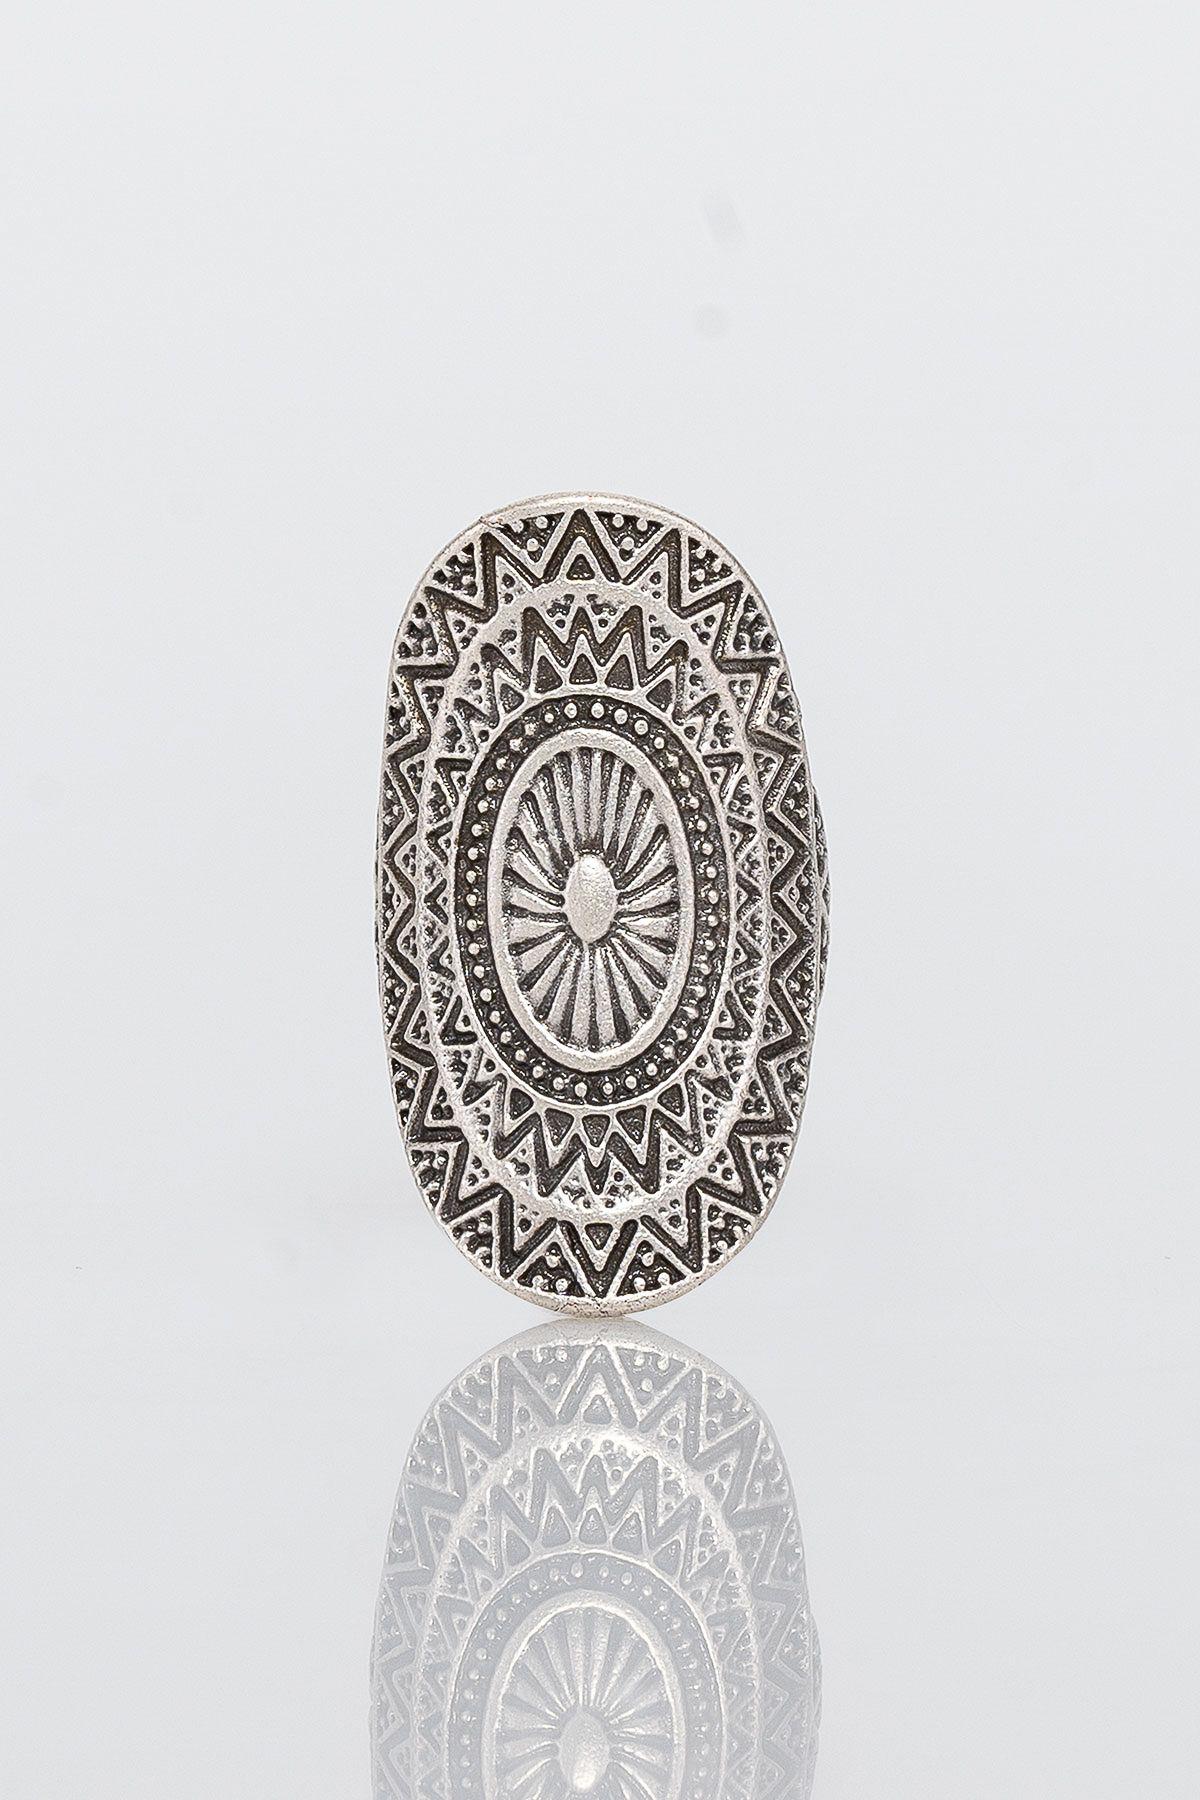 Pegia Deri Çantalı Vintage Tasarım Yüzük 19YZ07 Gümüş